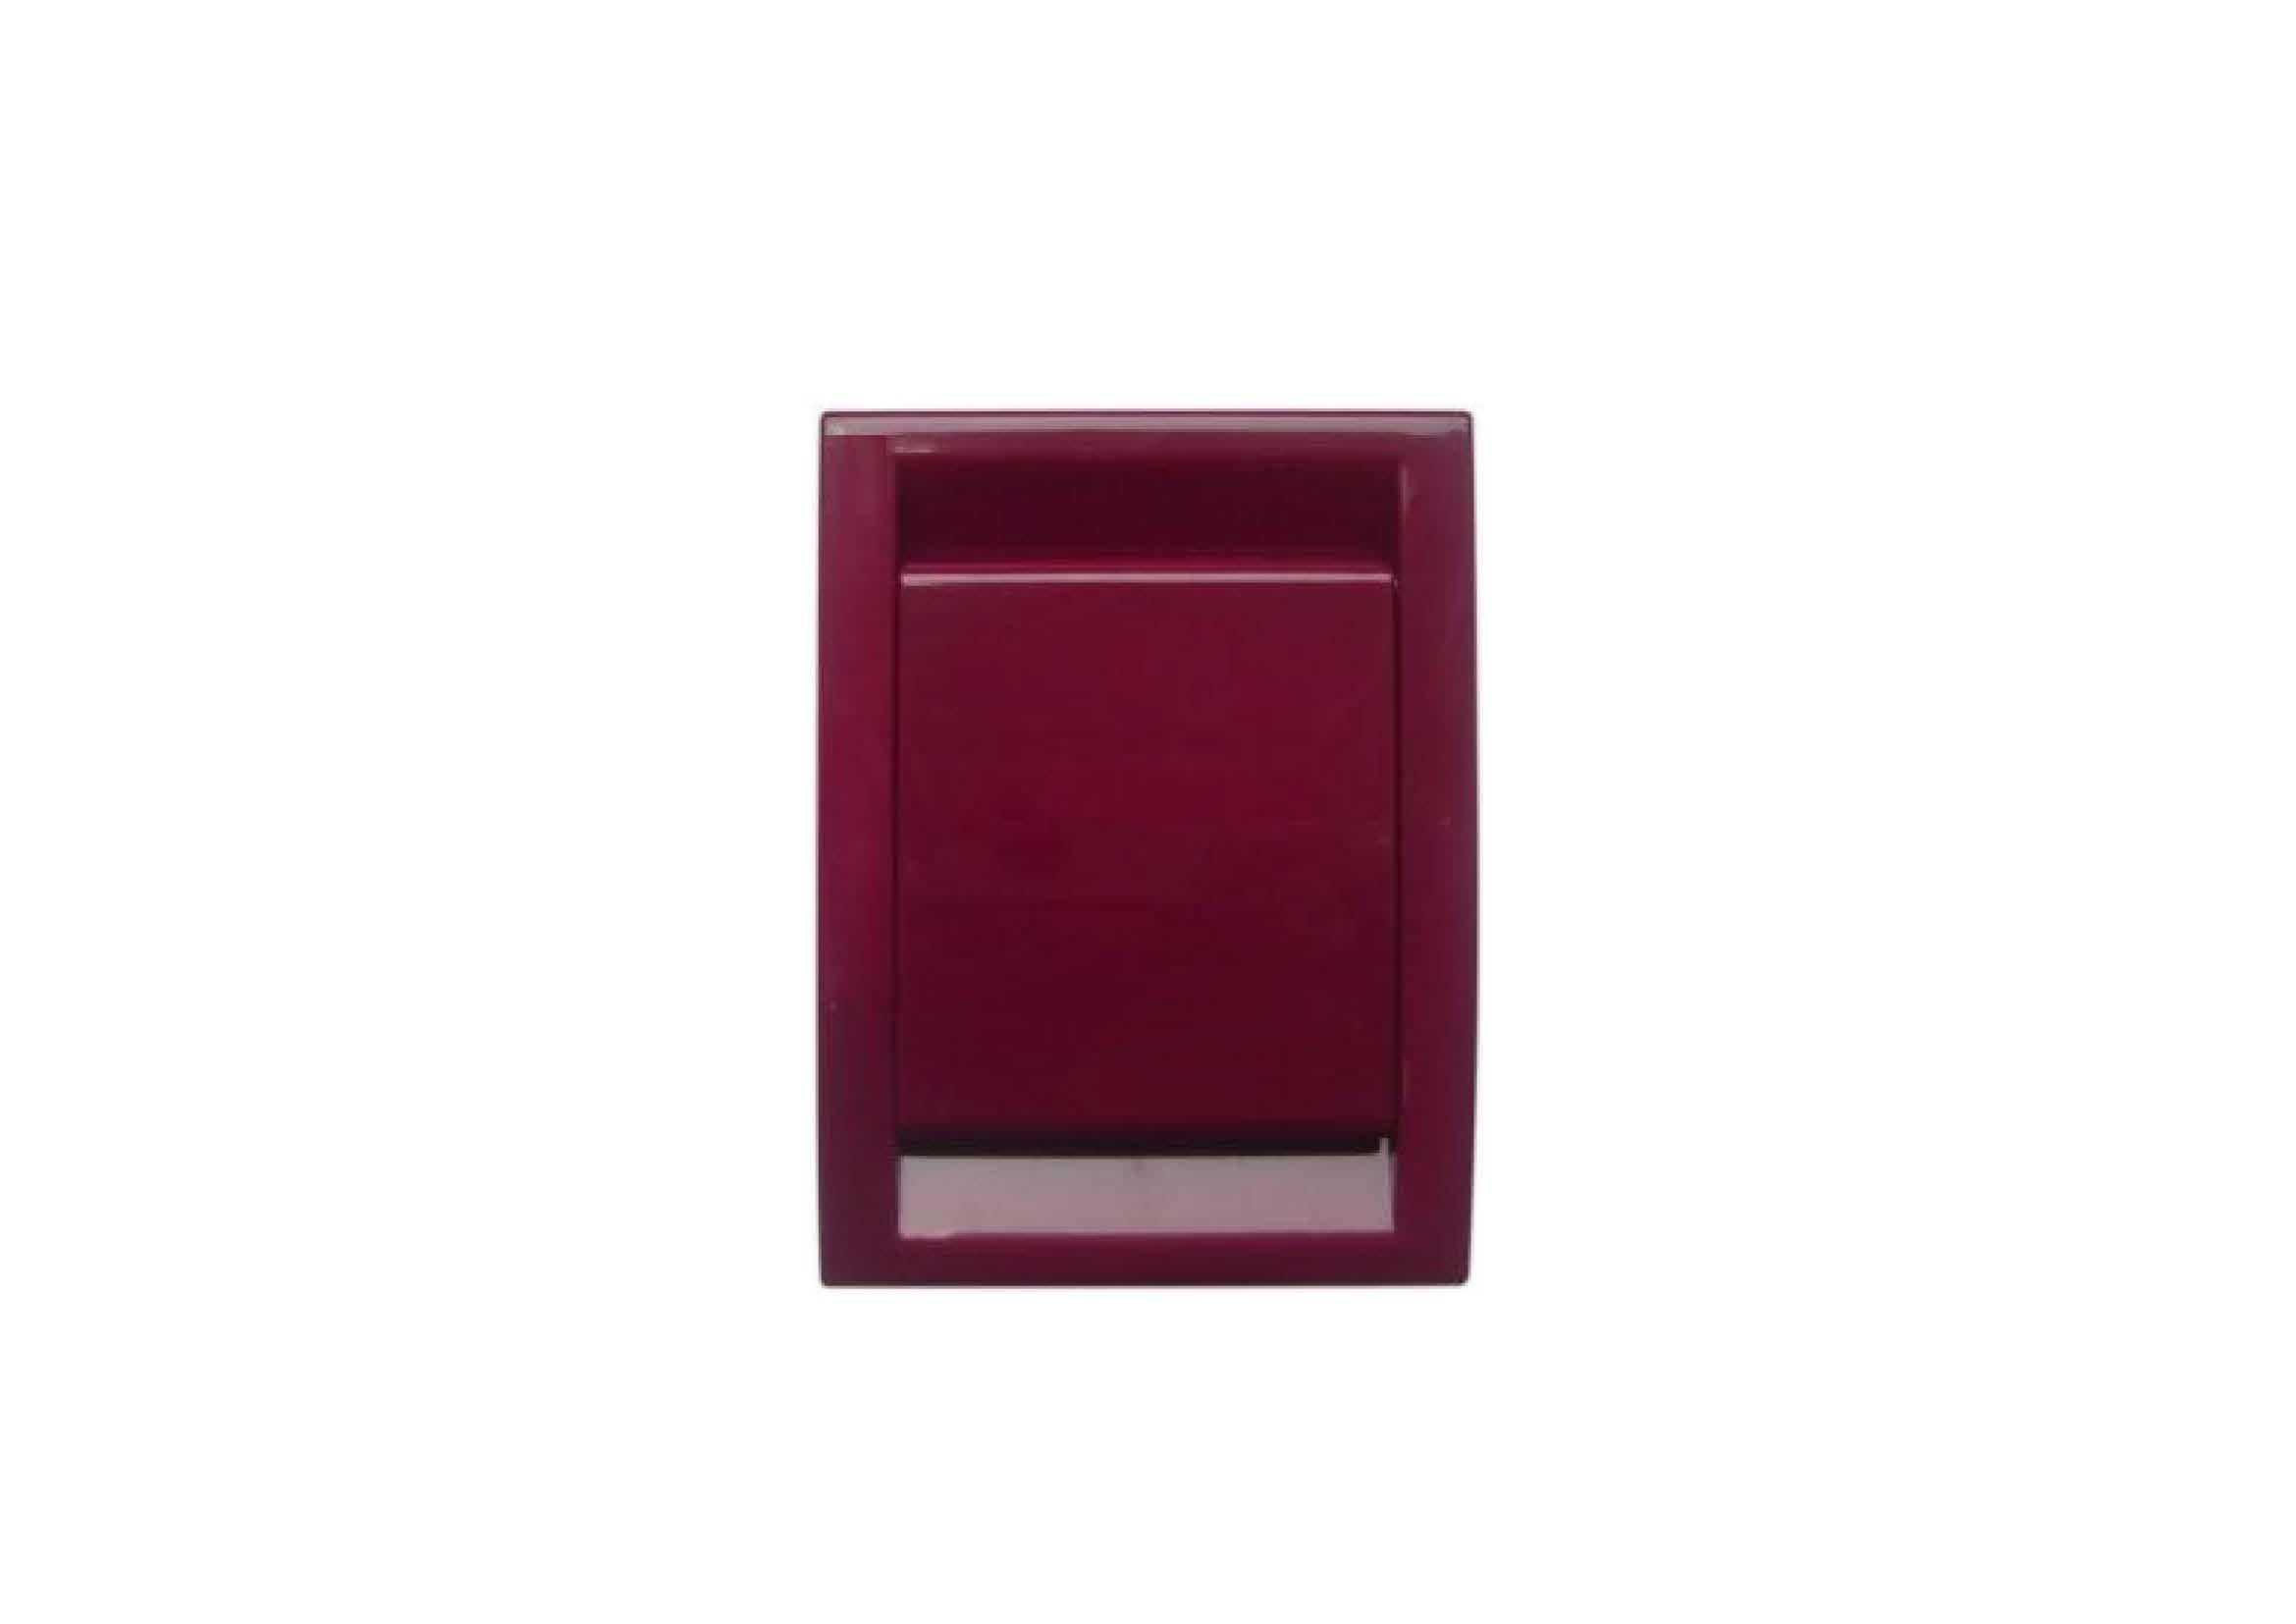 Вакуумна розетка DECO, колір бордовий